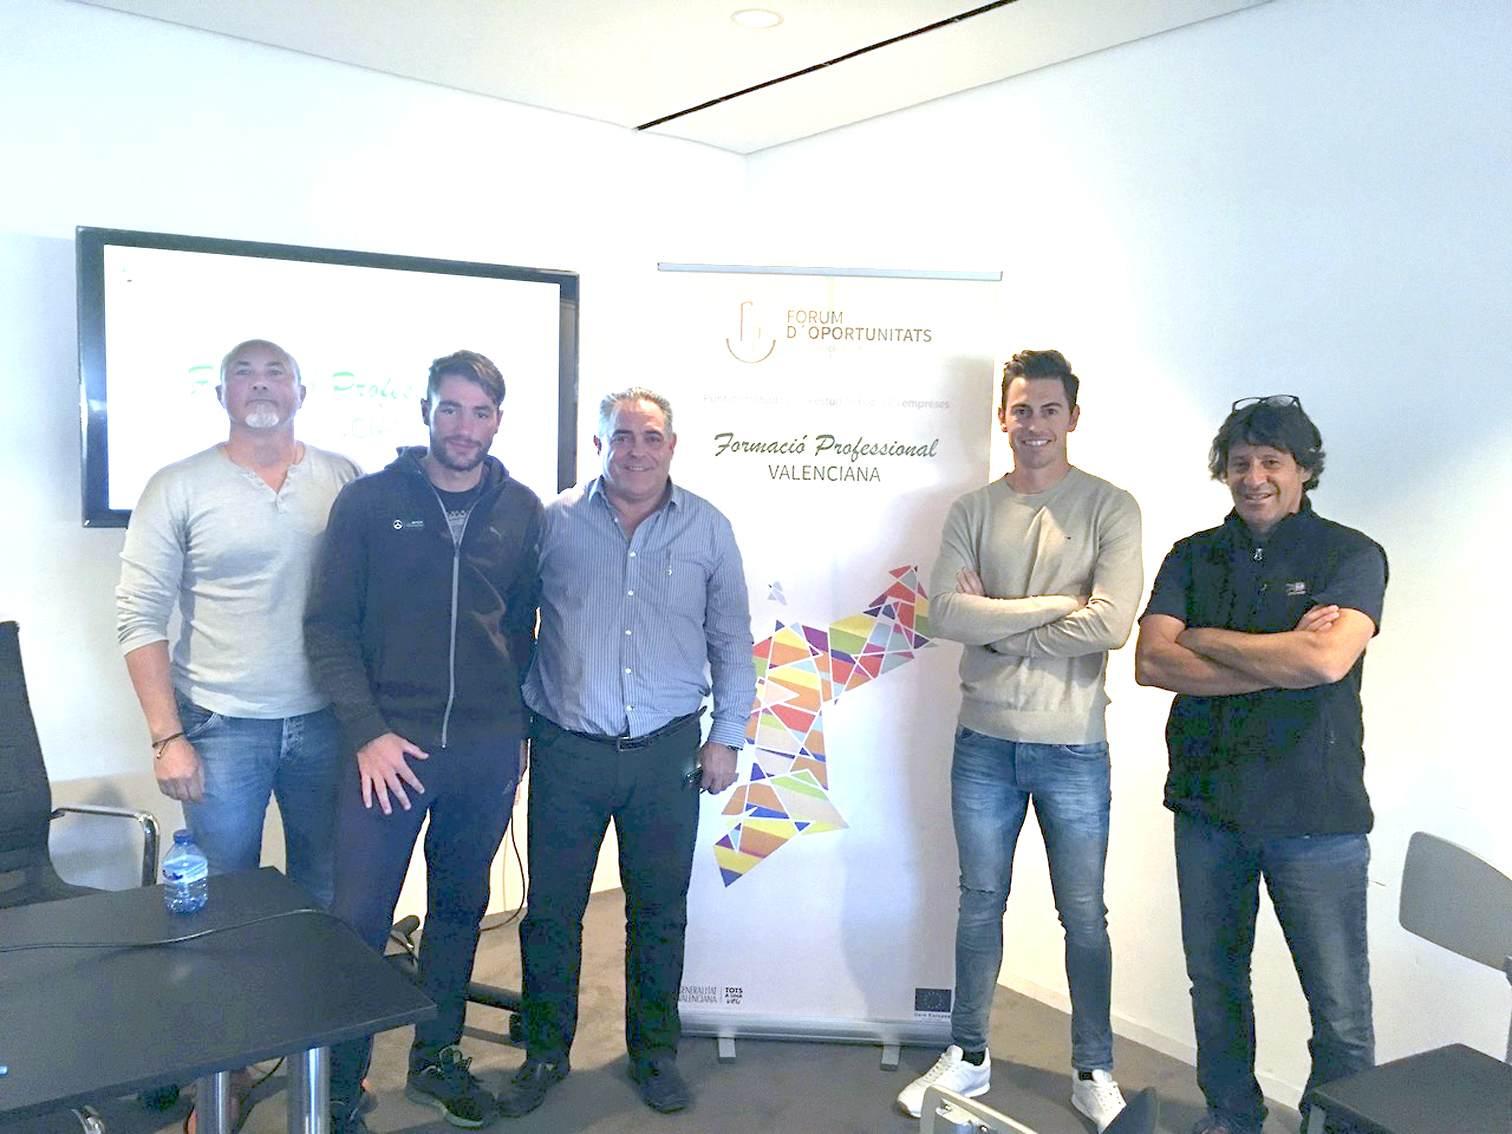 El Club de Tenis Teixereta y el Instituto de Secundaria La Creueta de Onil participan en un evento sobre la FP en la Comunidad Valenciana